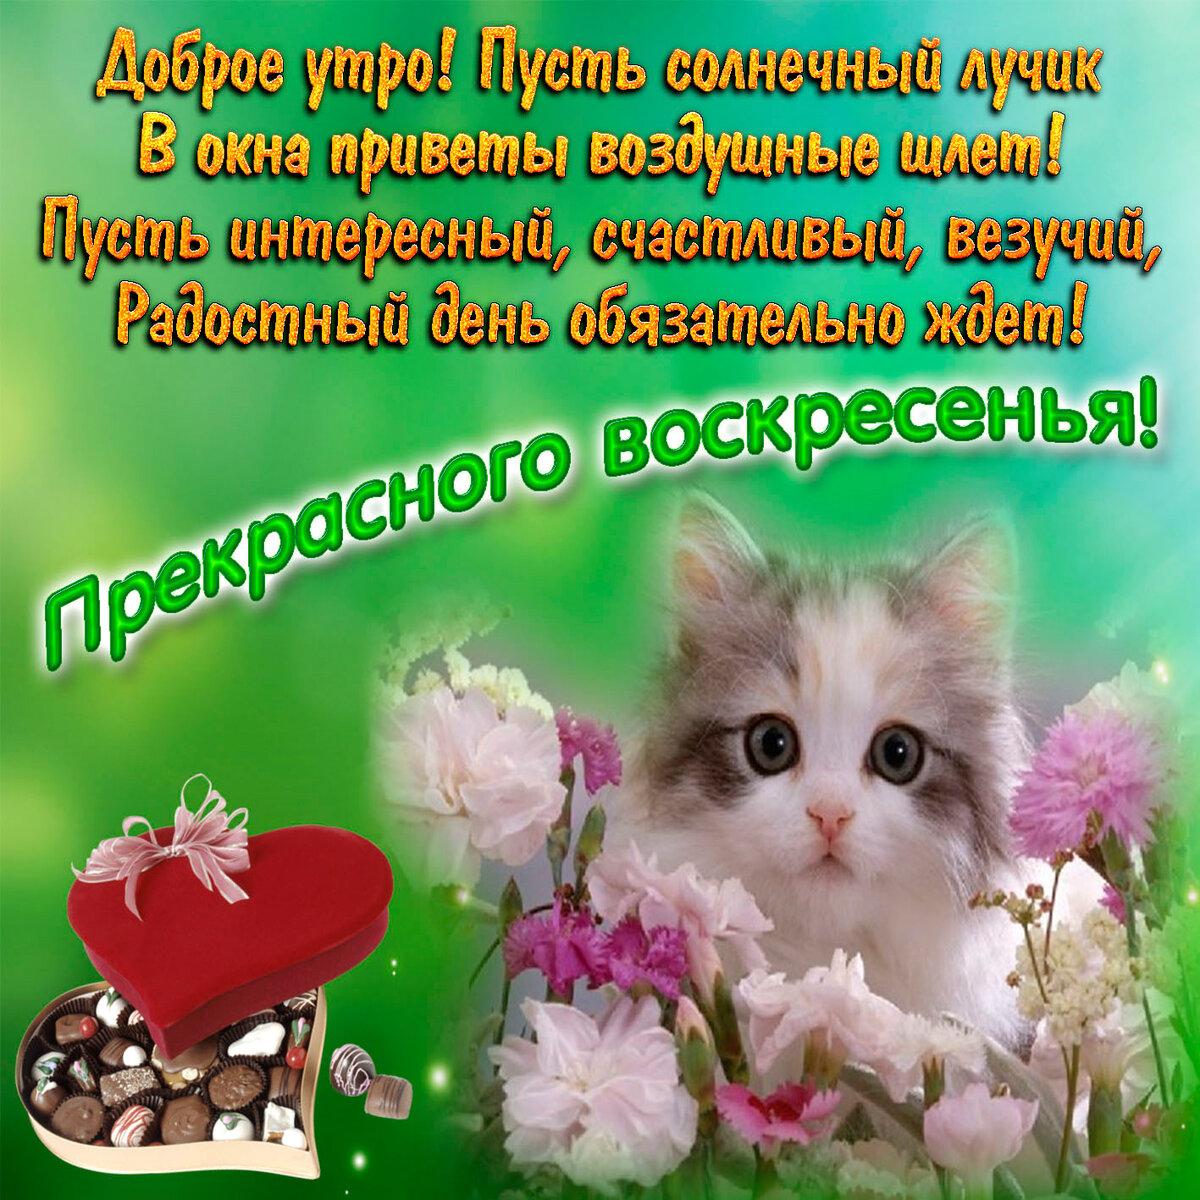 Доброе воскресное утро друзья картинки красивые, марта дорогая подружка